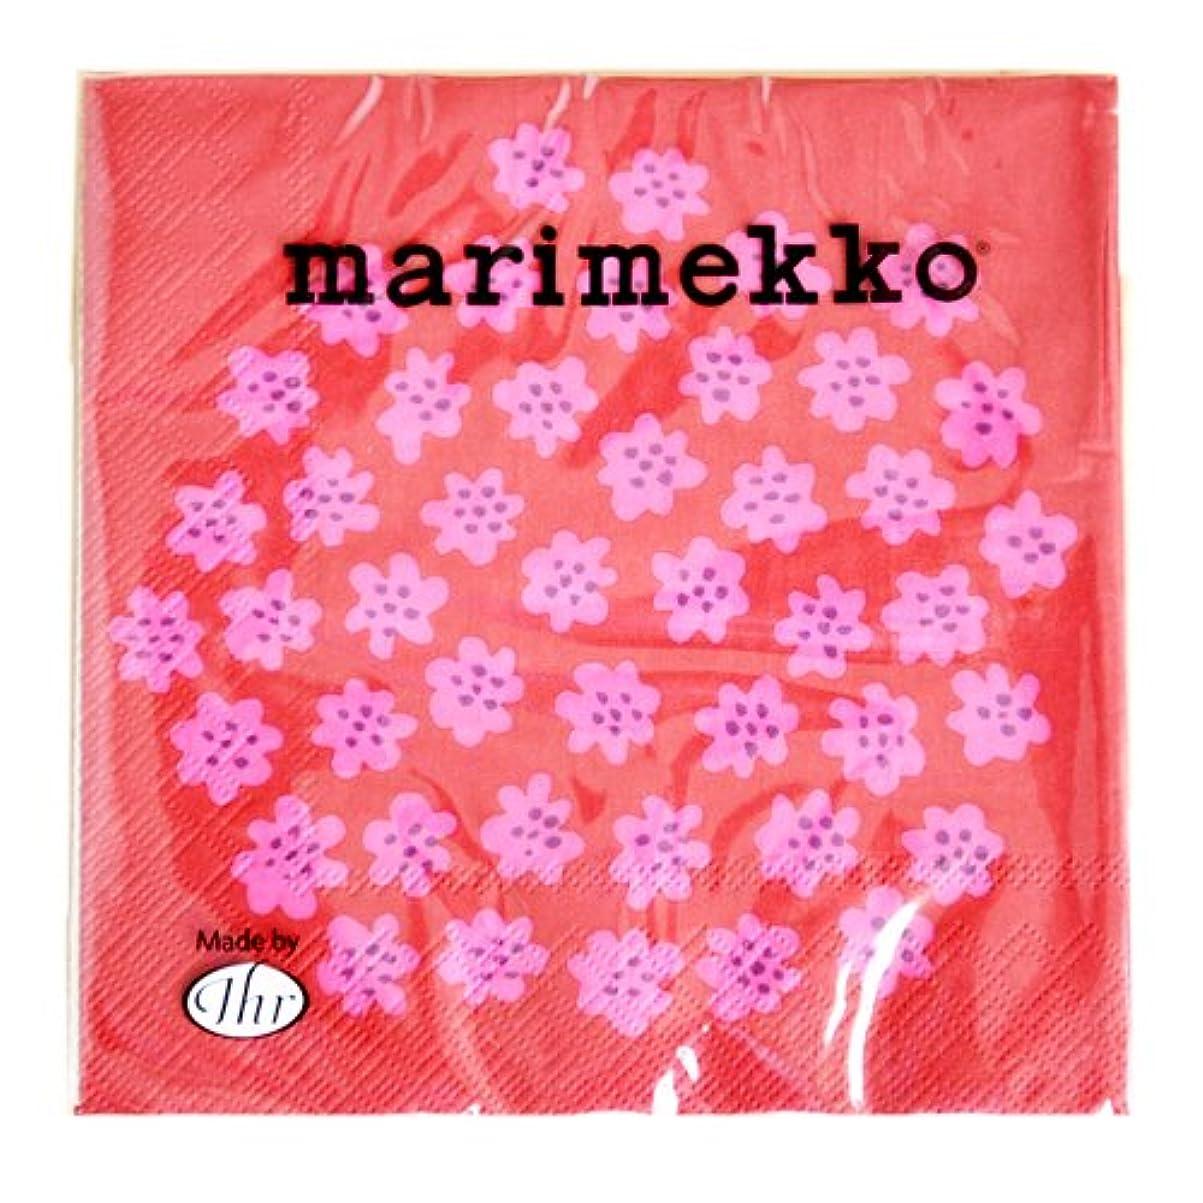 ドラフト本物カリキュラムmarimekko PUKETTI ペーパーナプキン 76【75710】 33x33cm/レッド×ピンク